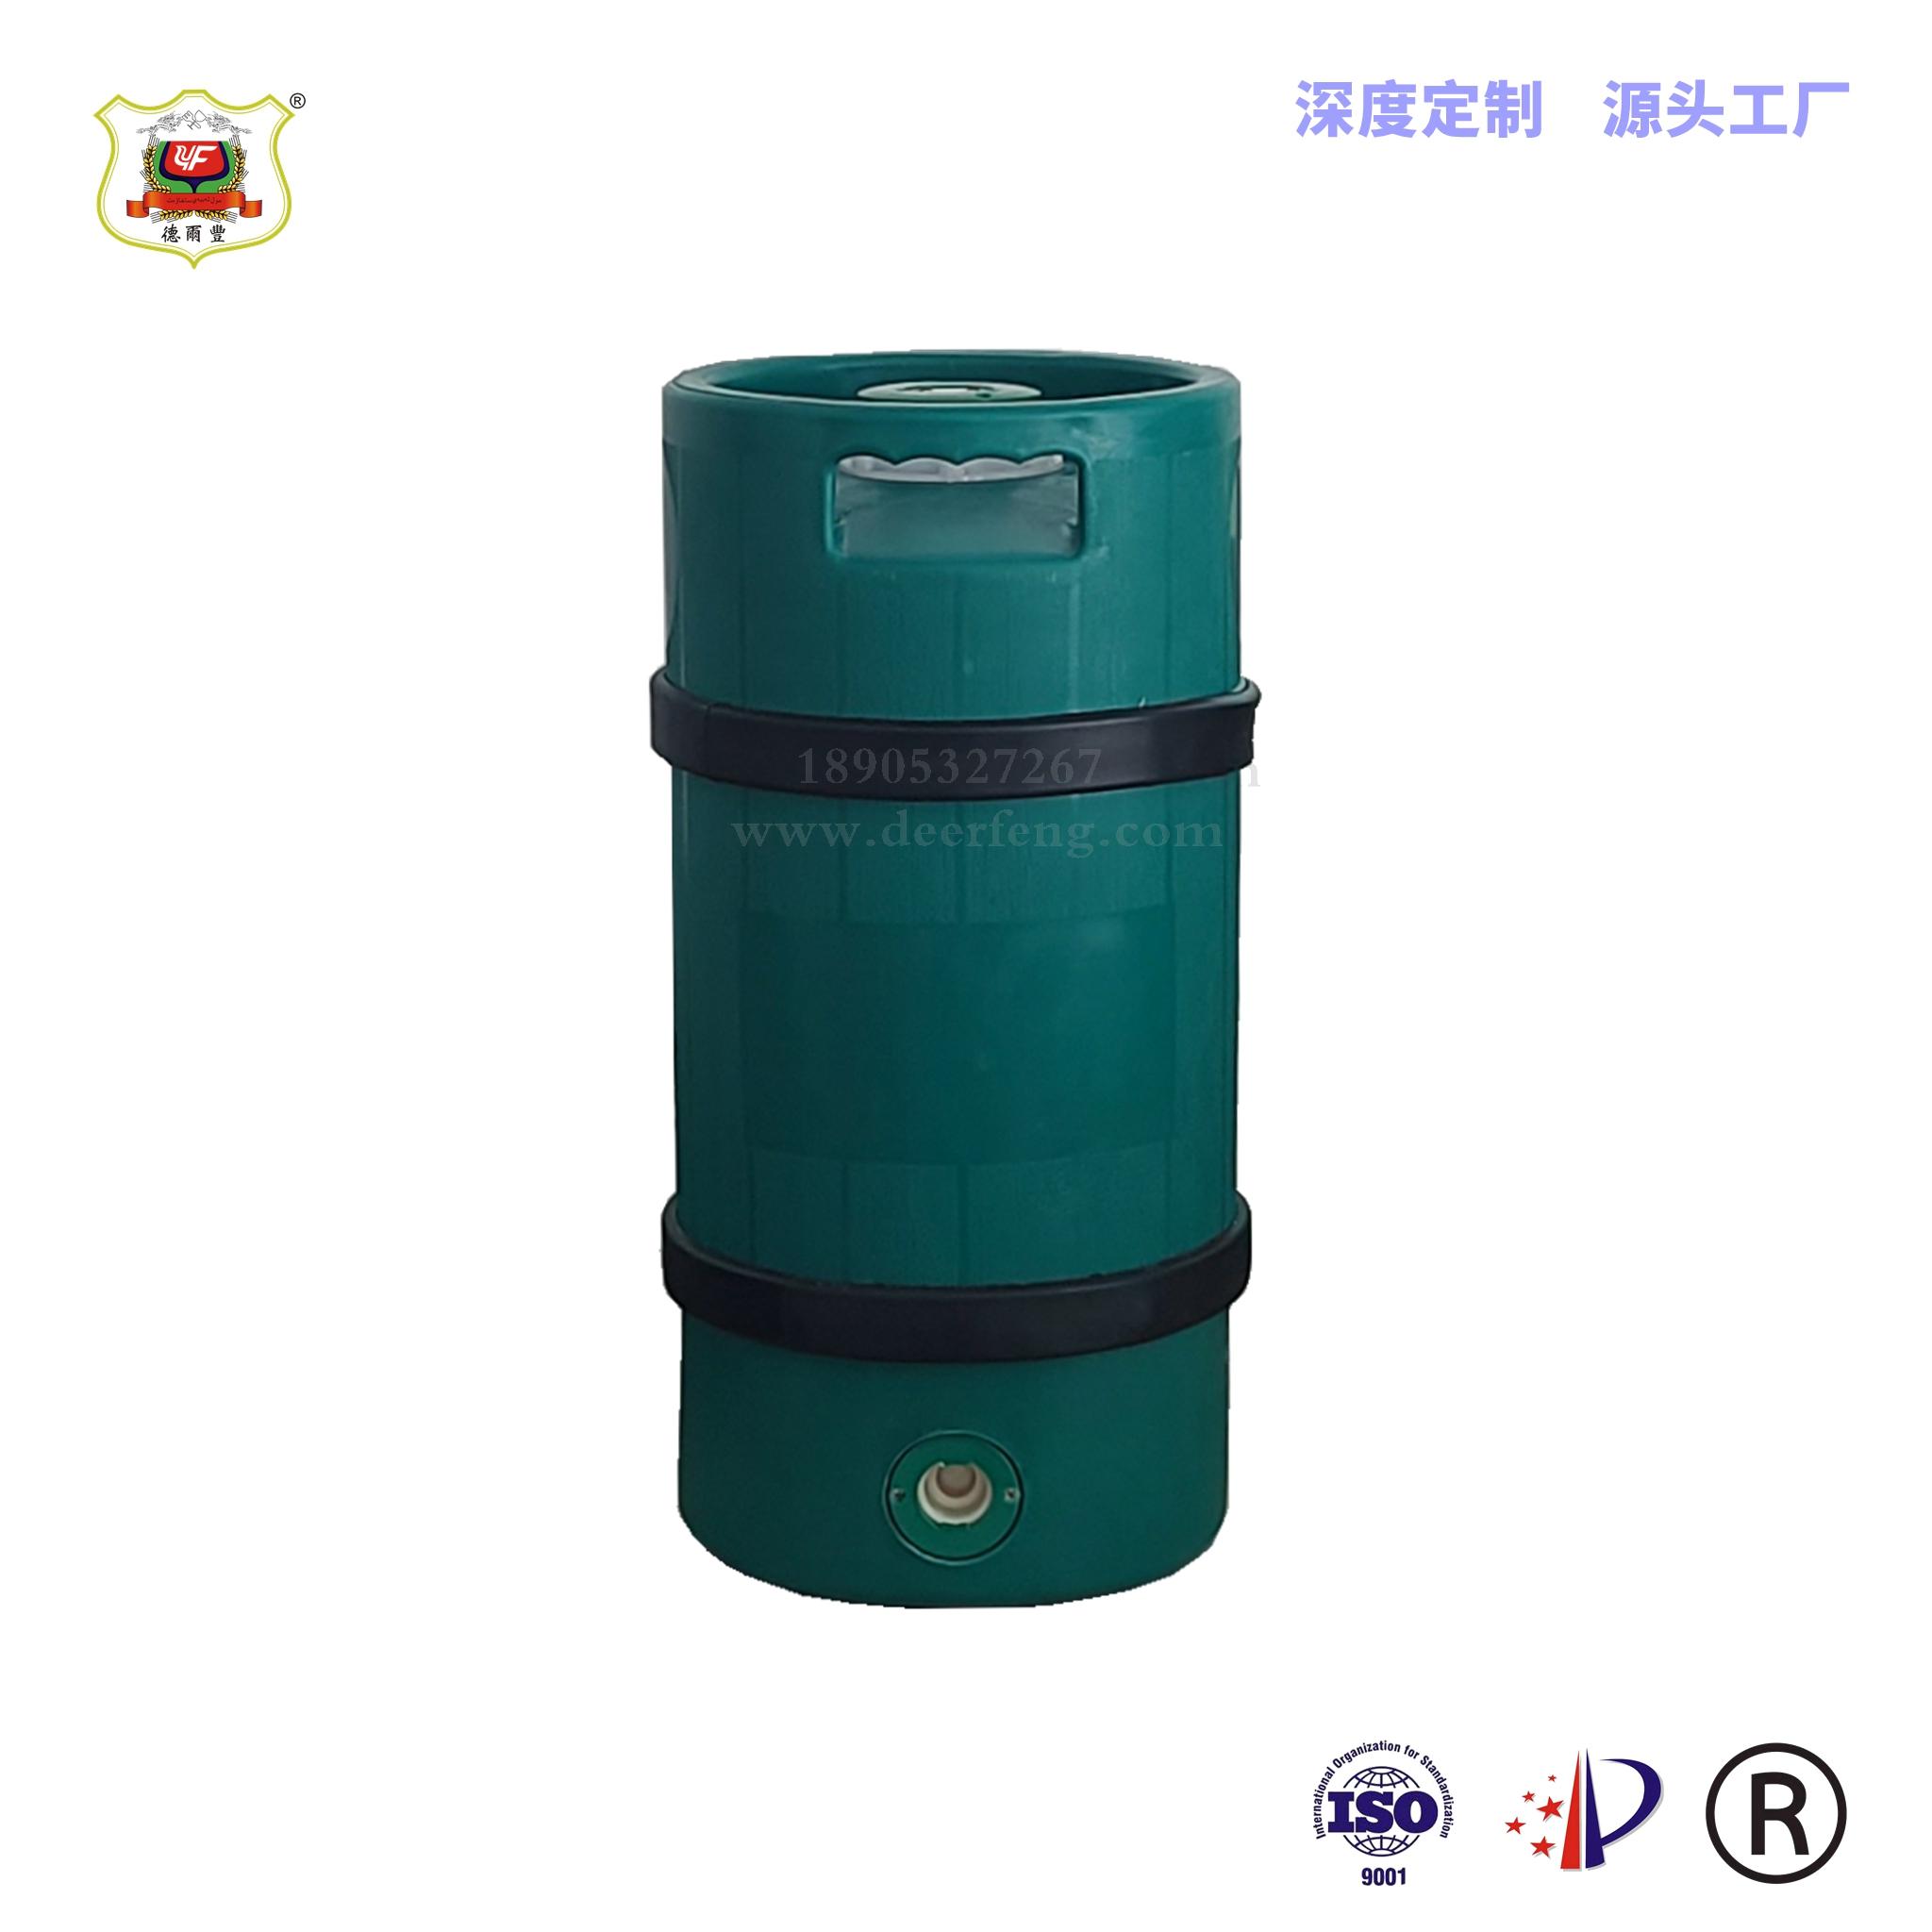 德爾豐 啤酒桶 塑料啤酒桶 保溫桶 美標保鮮桶 扎啤桶 生啤桶 格瓦斯桶 生產廠家 M- 5L